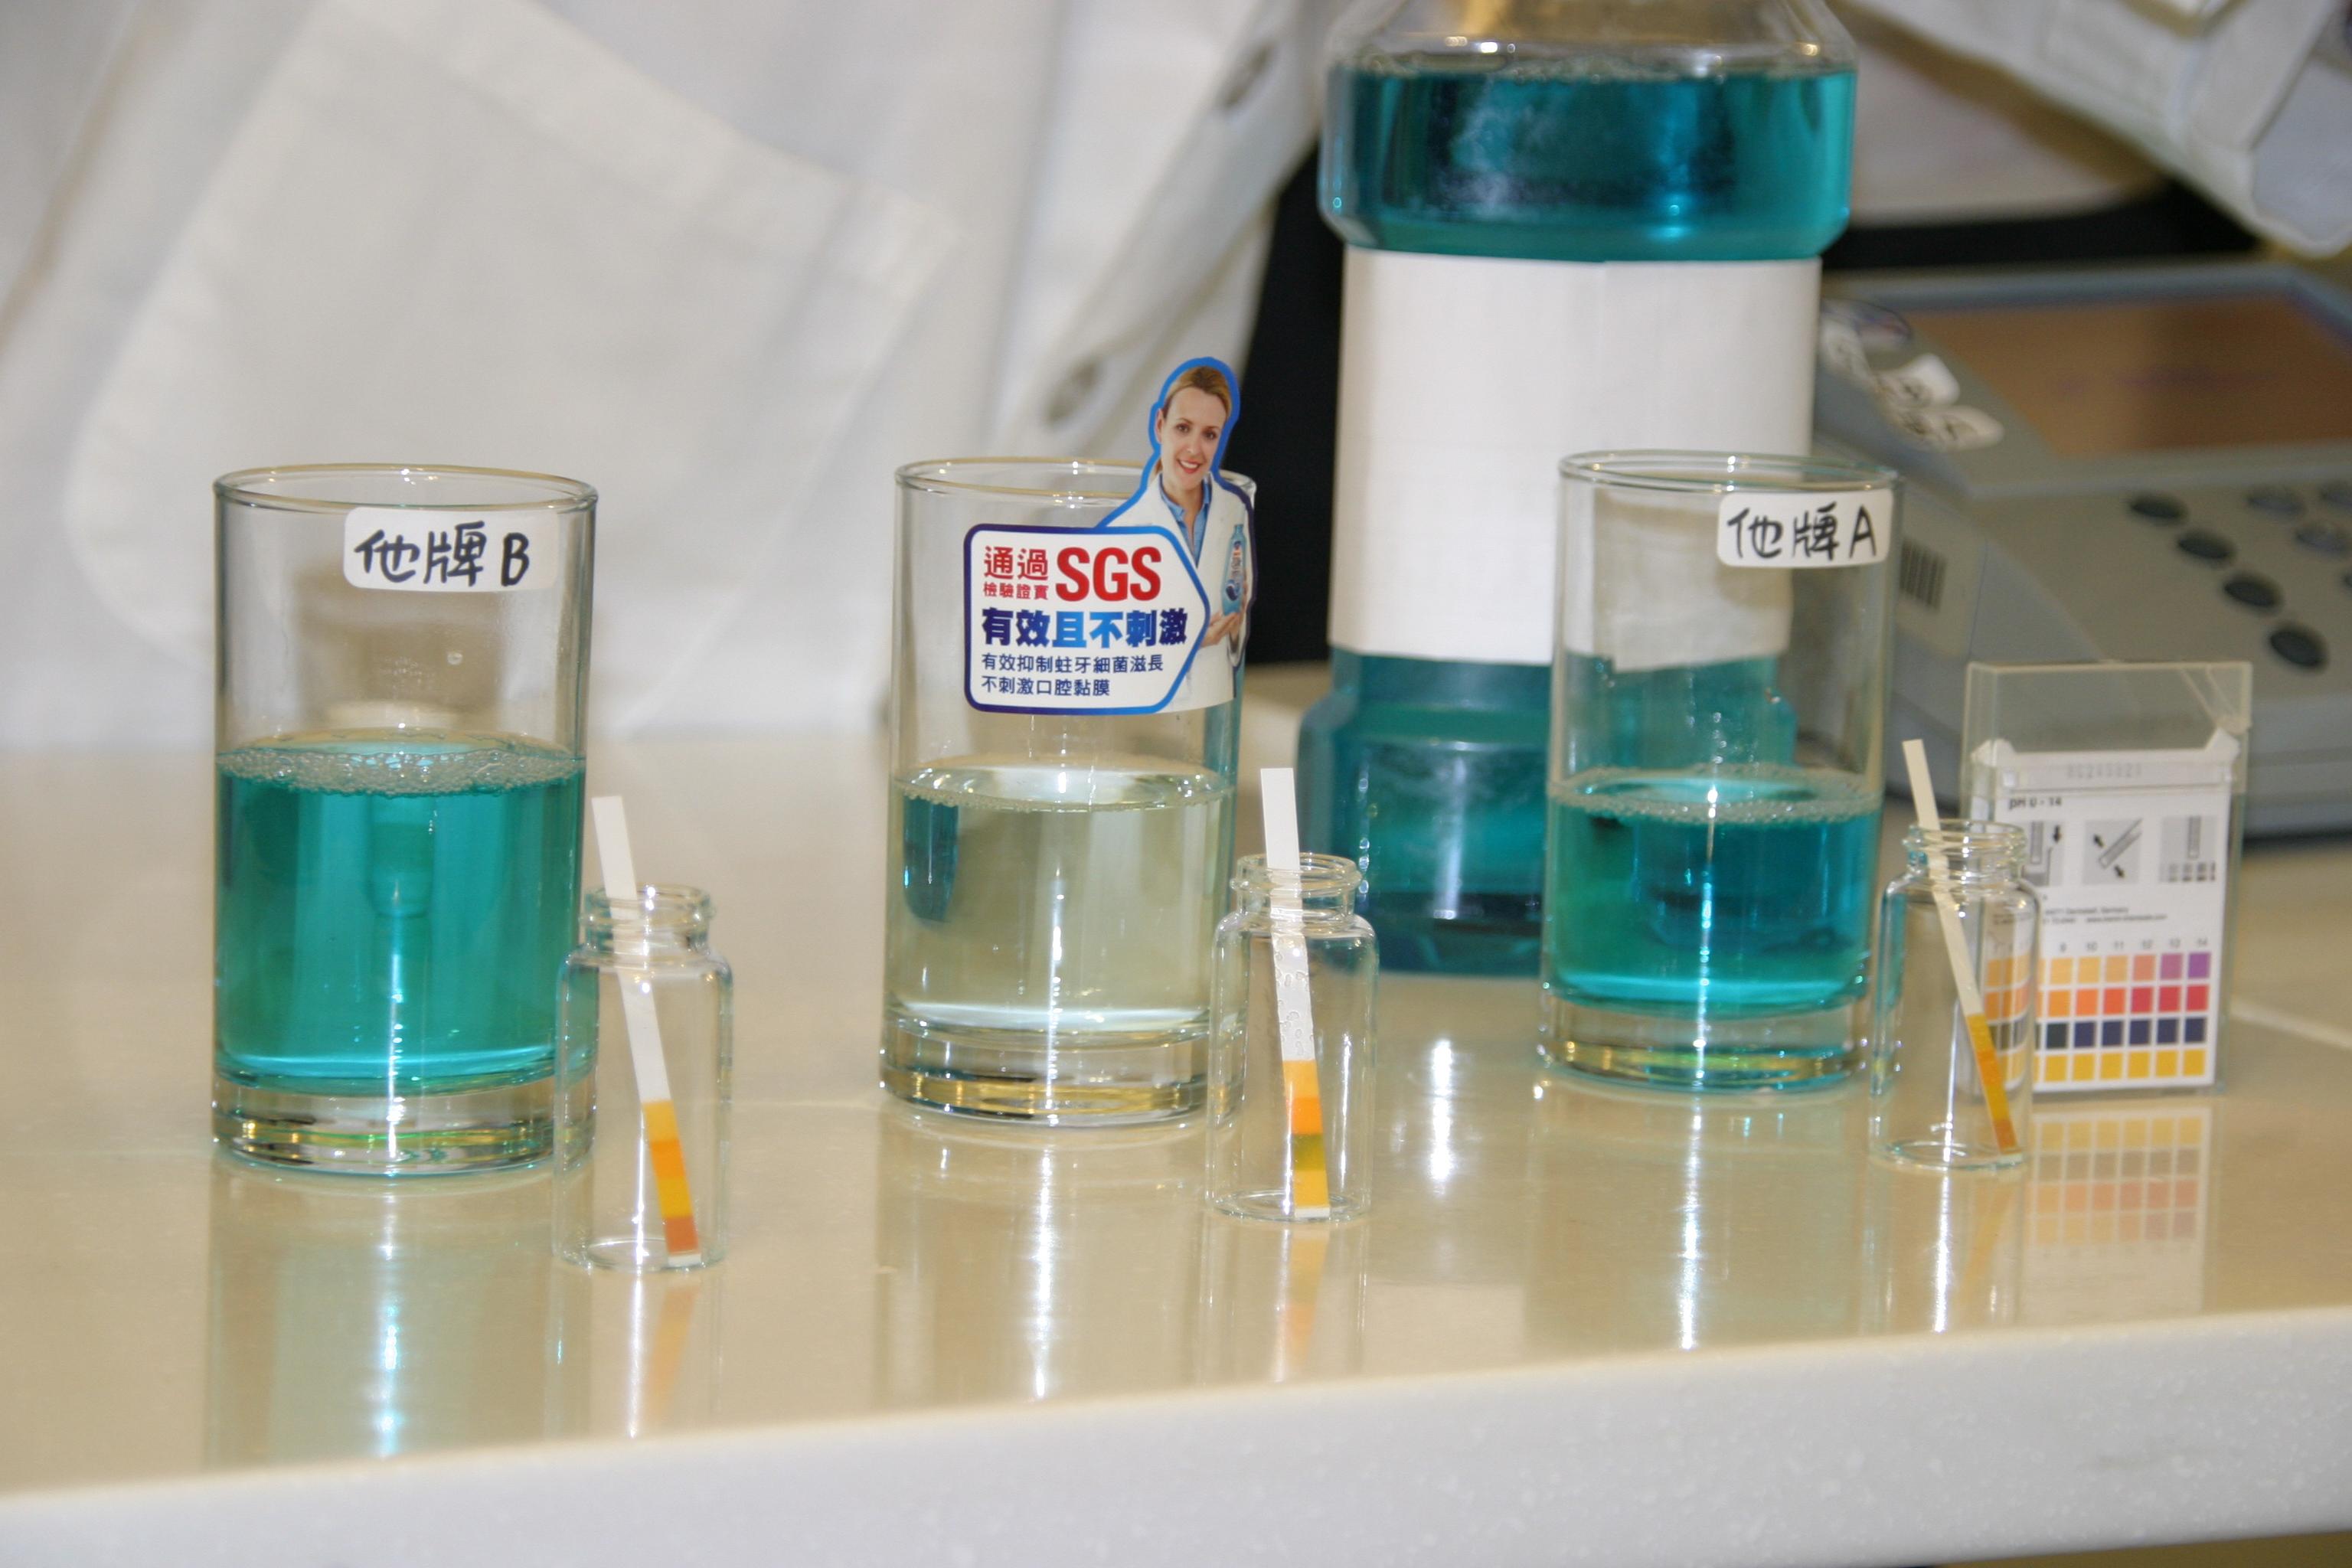 3M 調查: 酒精太多又偏酸 漱口水使用不當反傷口腔